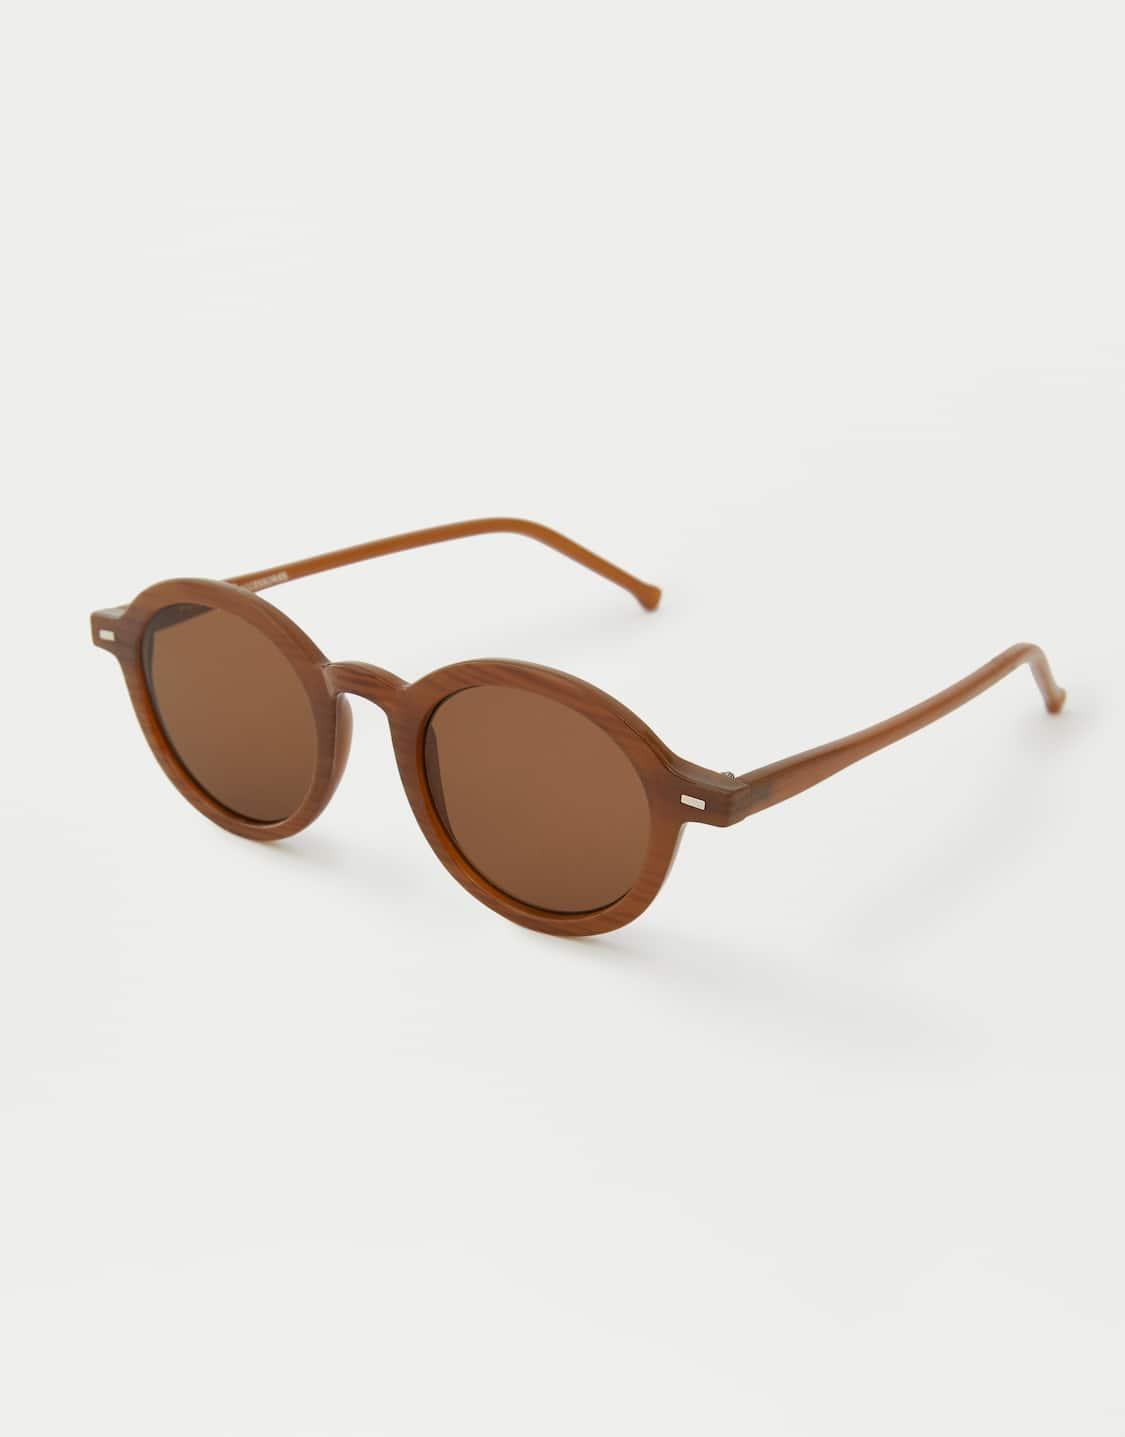 Στρογγυλά γυαλιά ηλίου από ταρταρούγα - PULL BEAR fb57a18d009